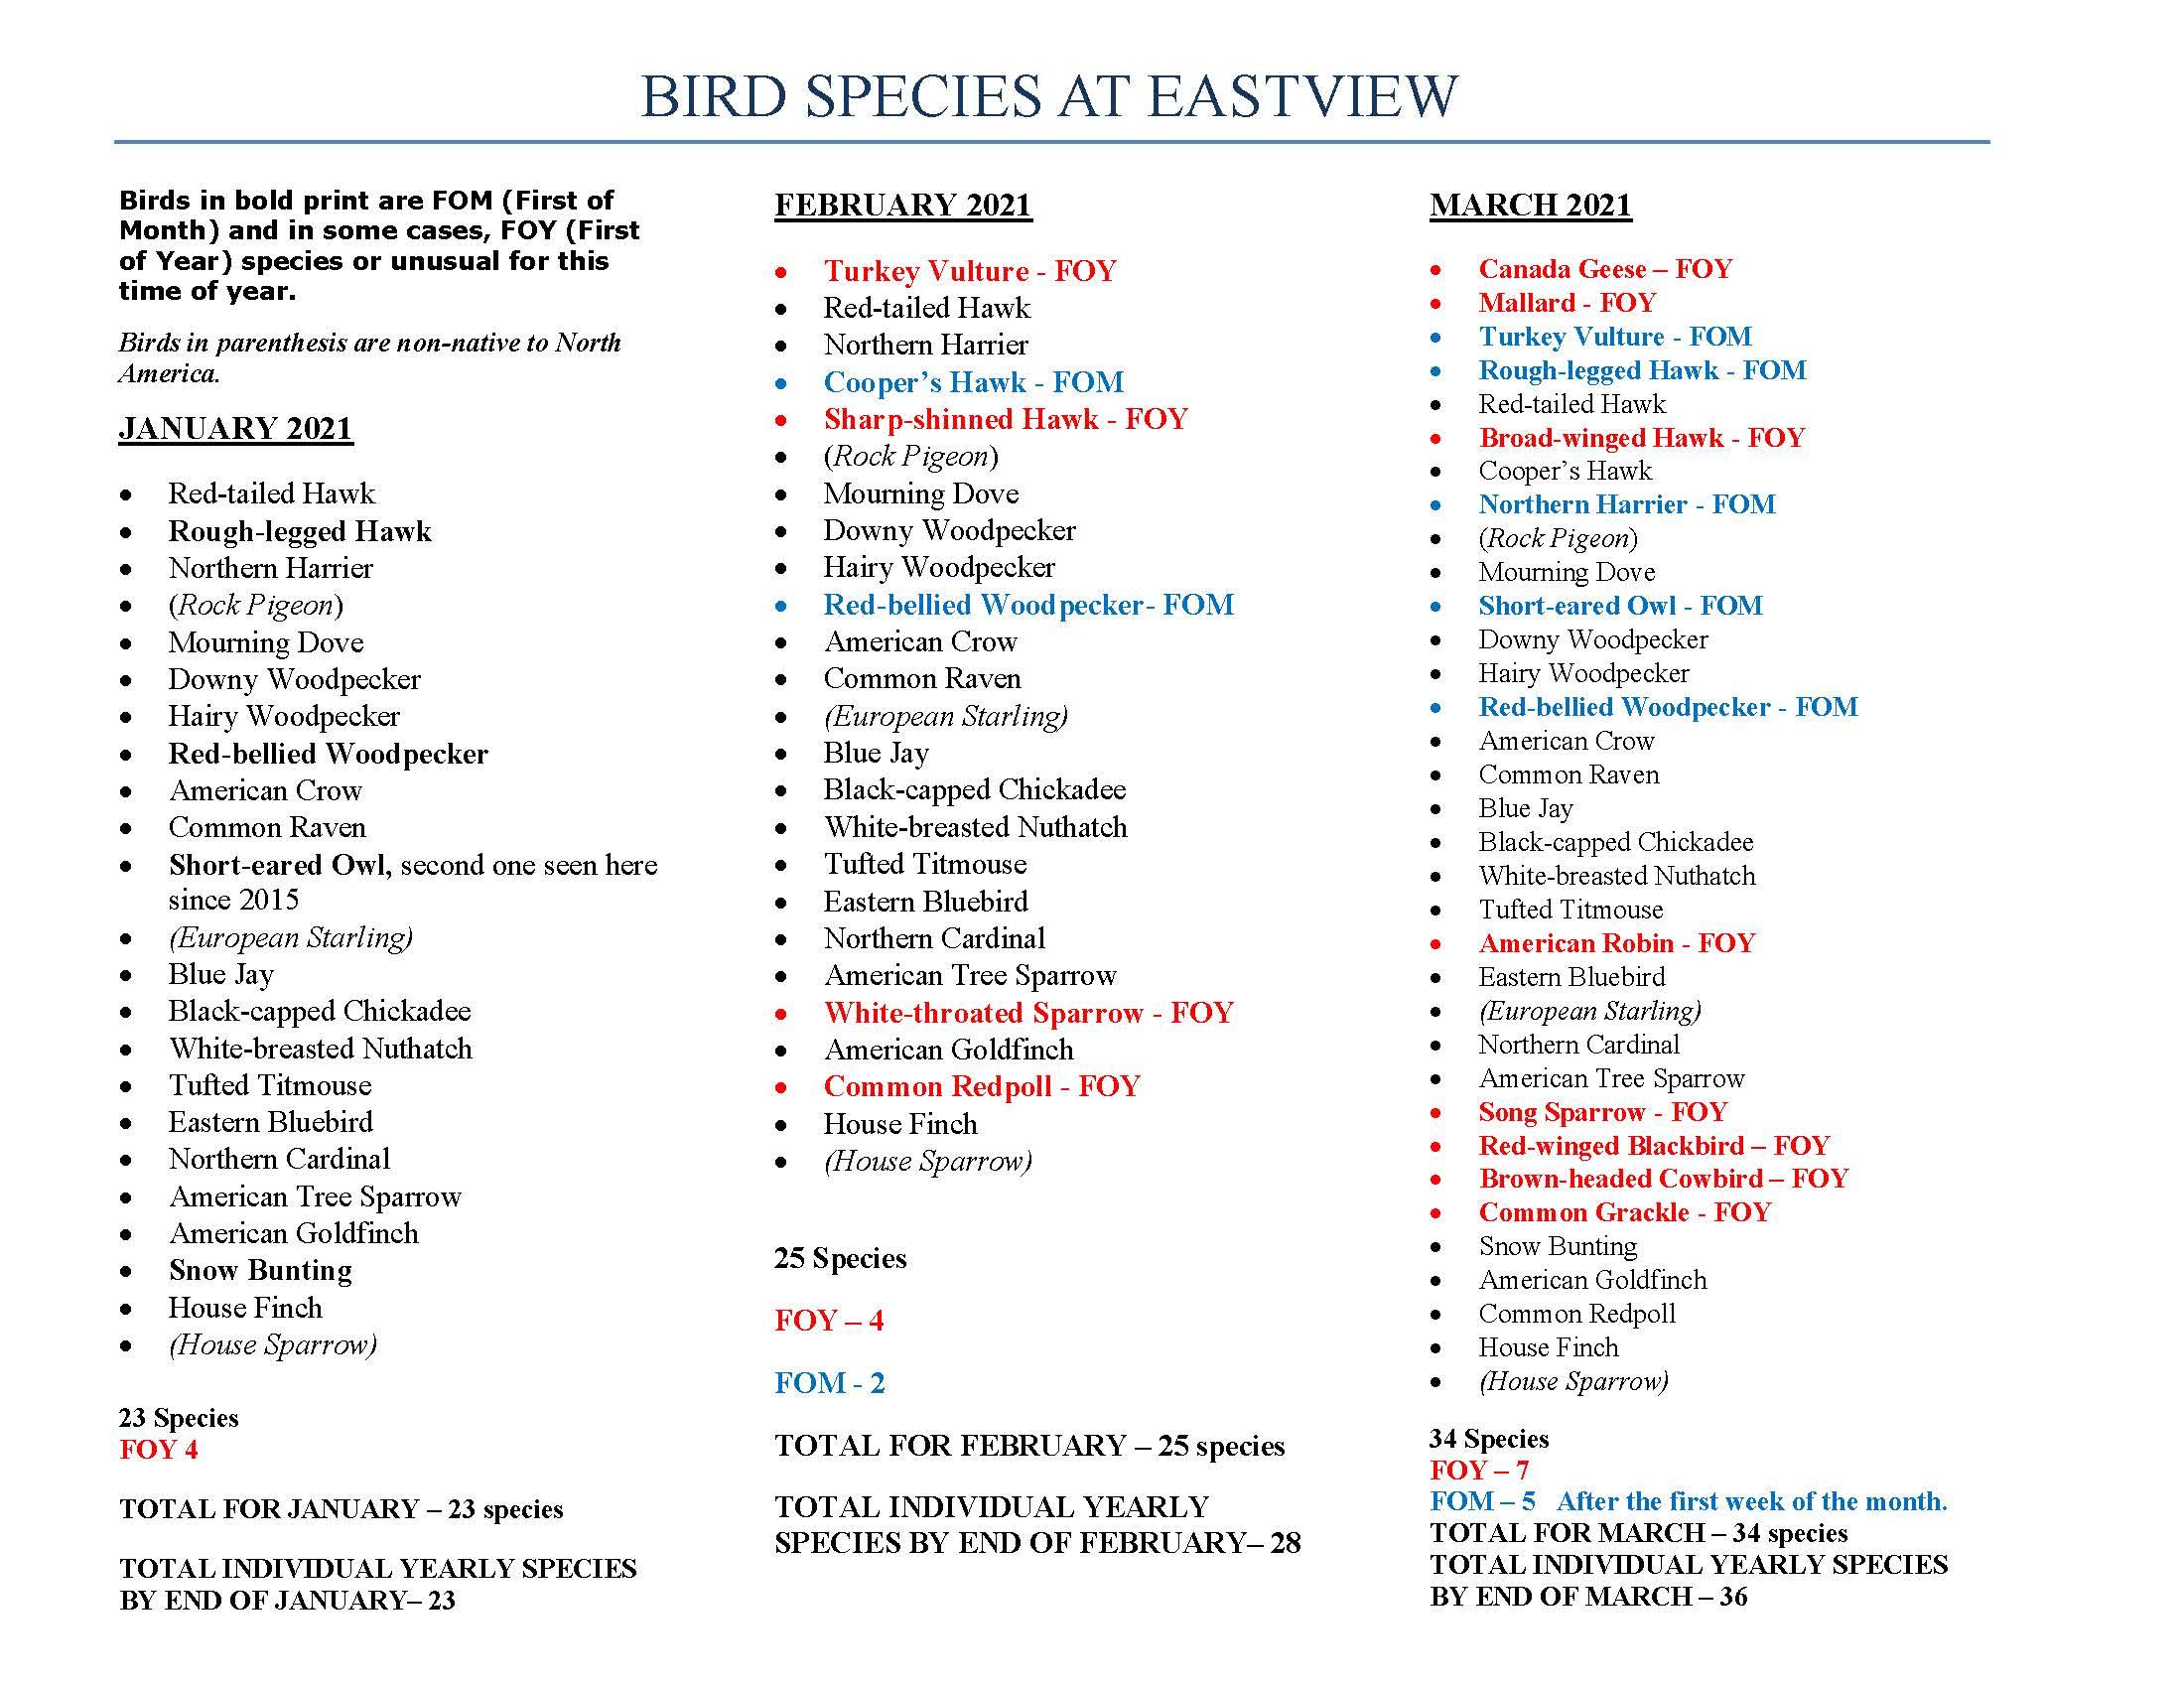 Bird Species at Eastview: Winter